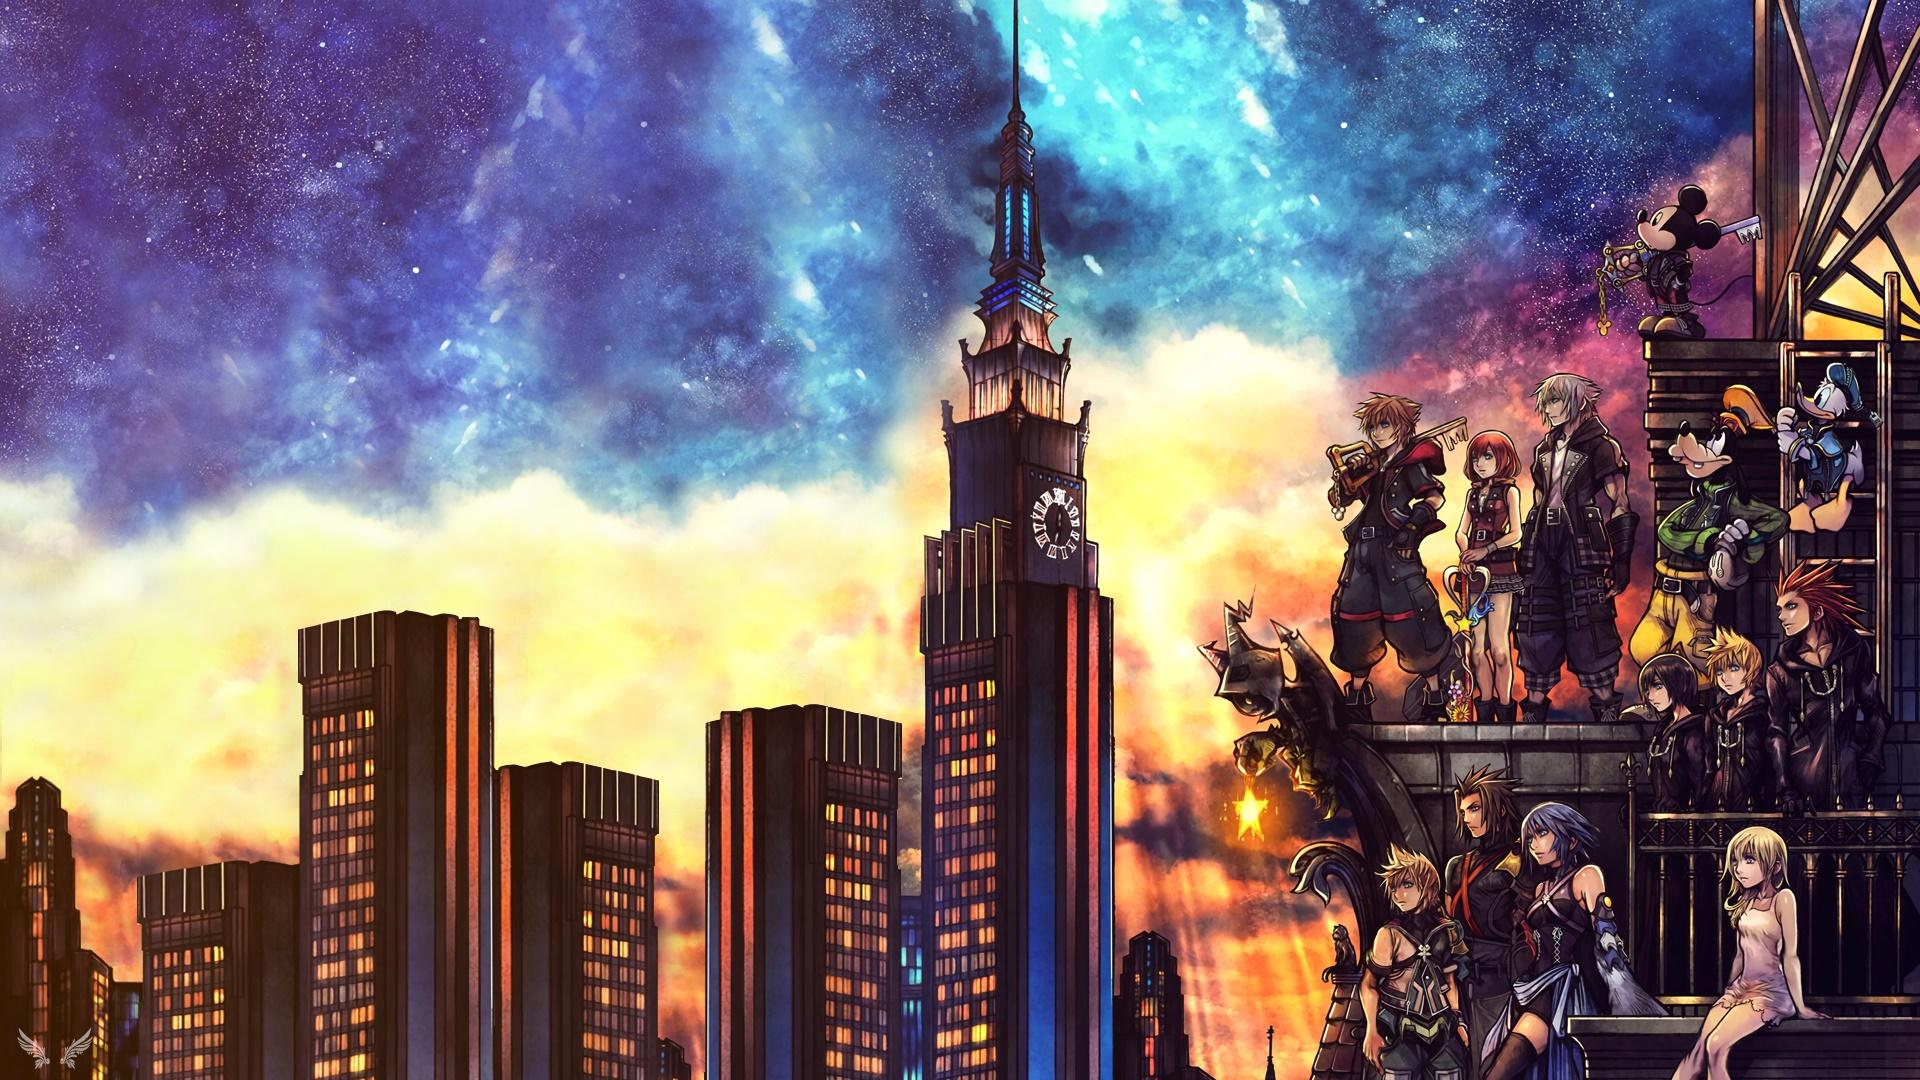 Nomura e Yasue parlano dello sviluppo di Kingdom Hearts III e del desiderio di renderlo un gioco perfetto!